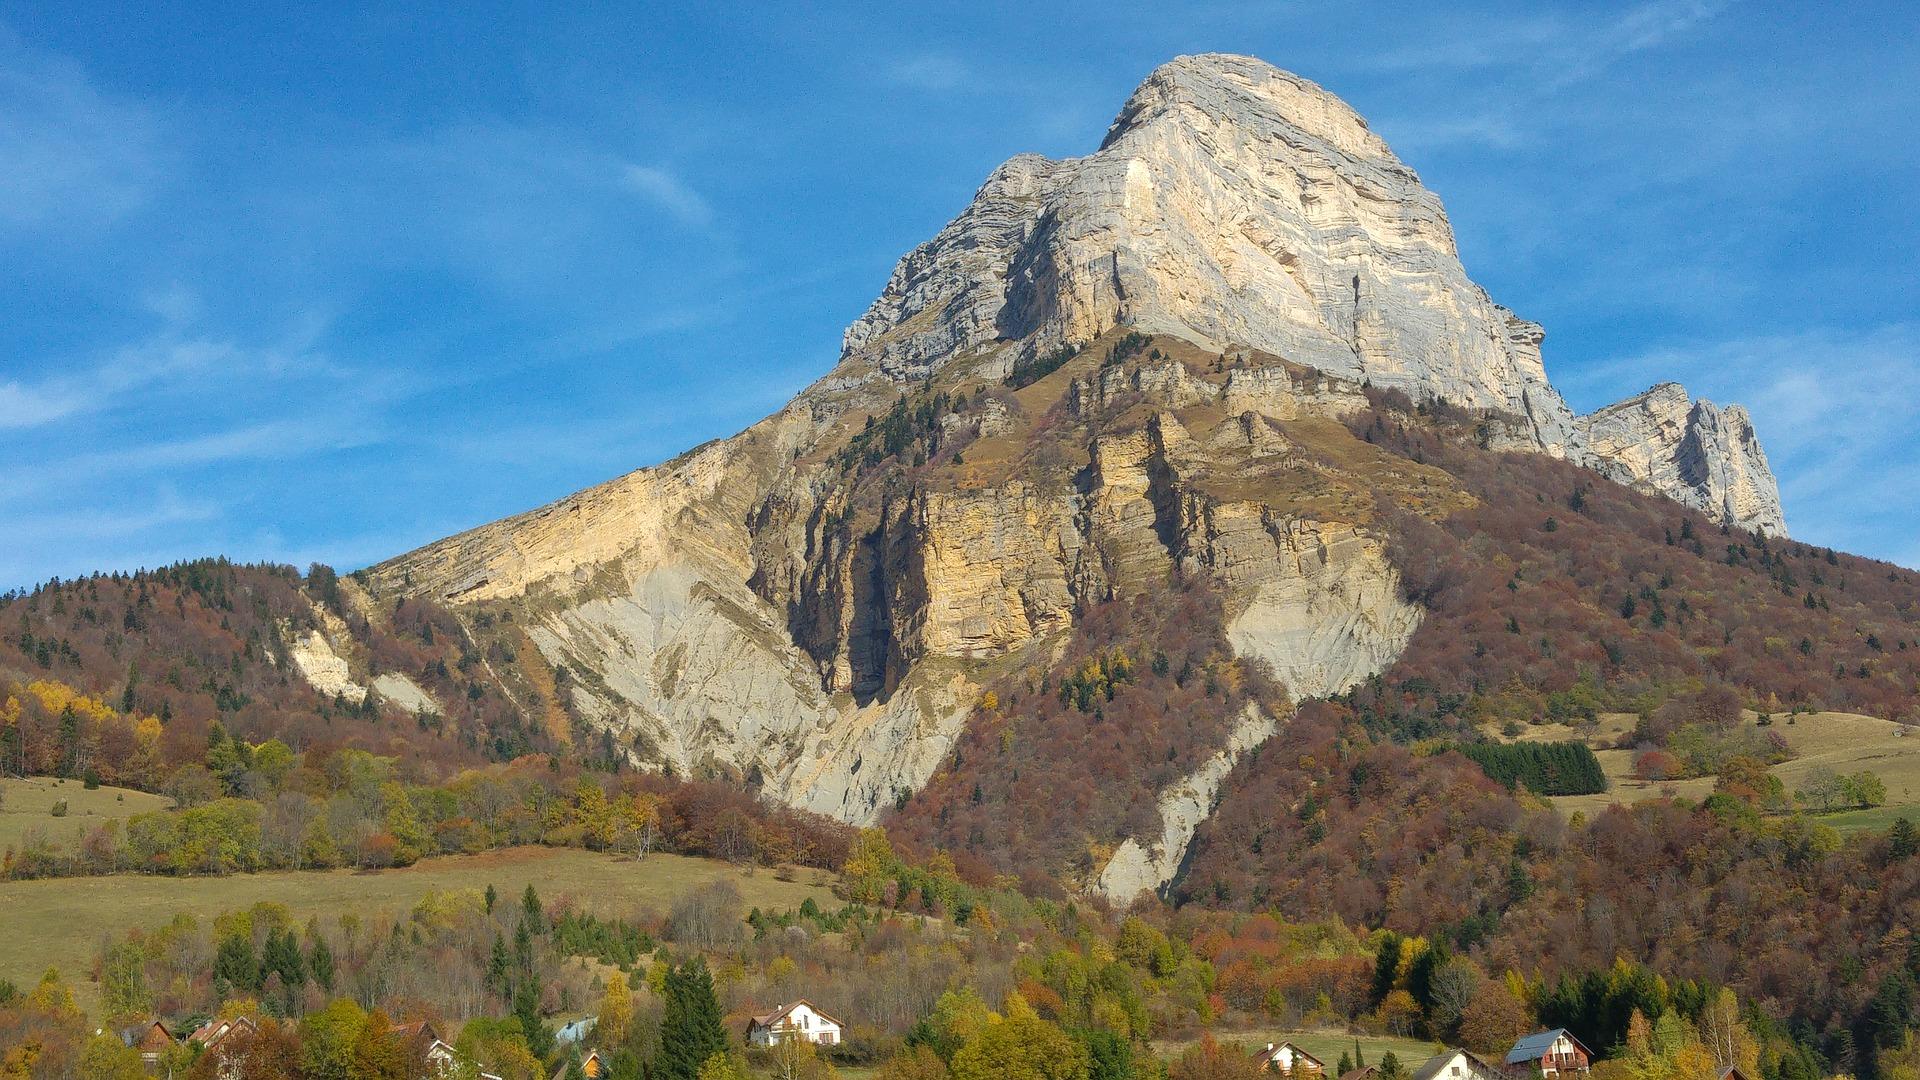 Massif montagneux dans les Alpes françaises